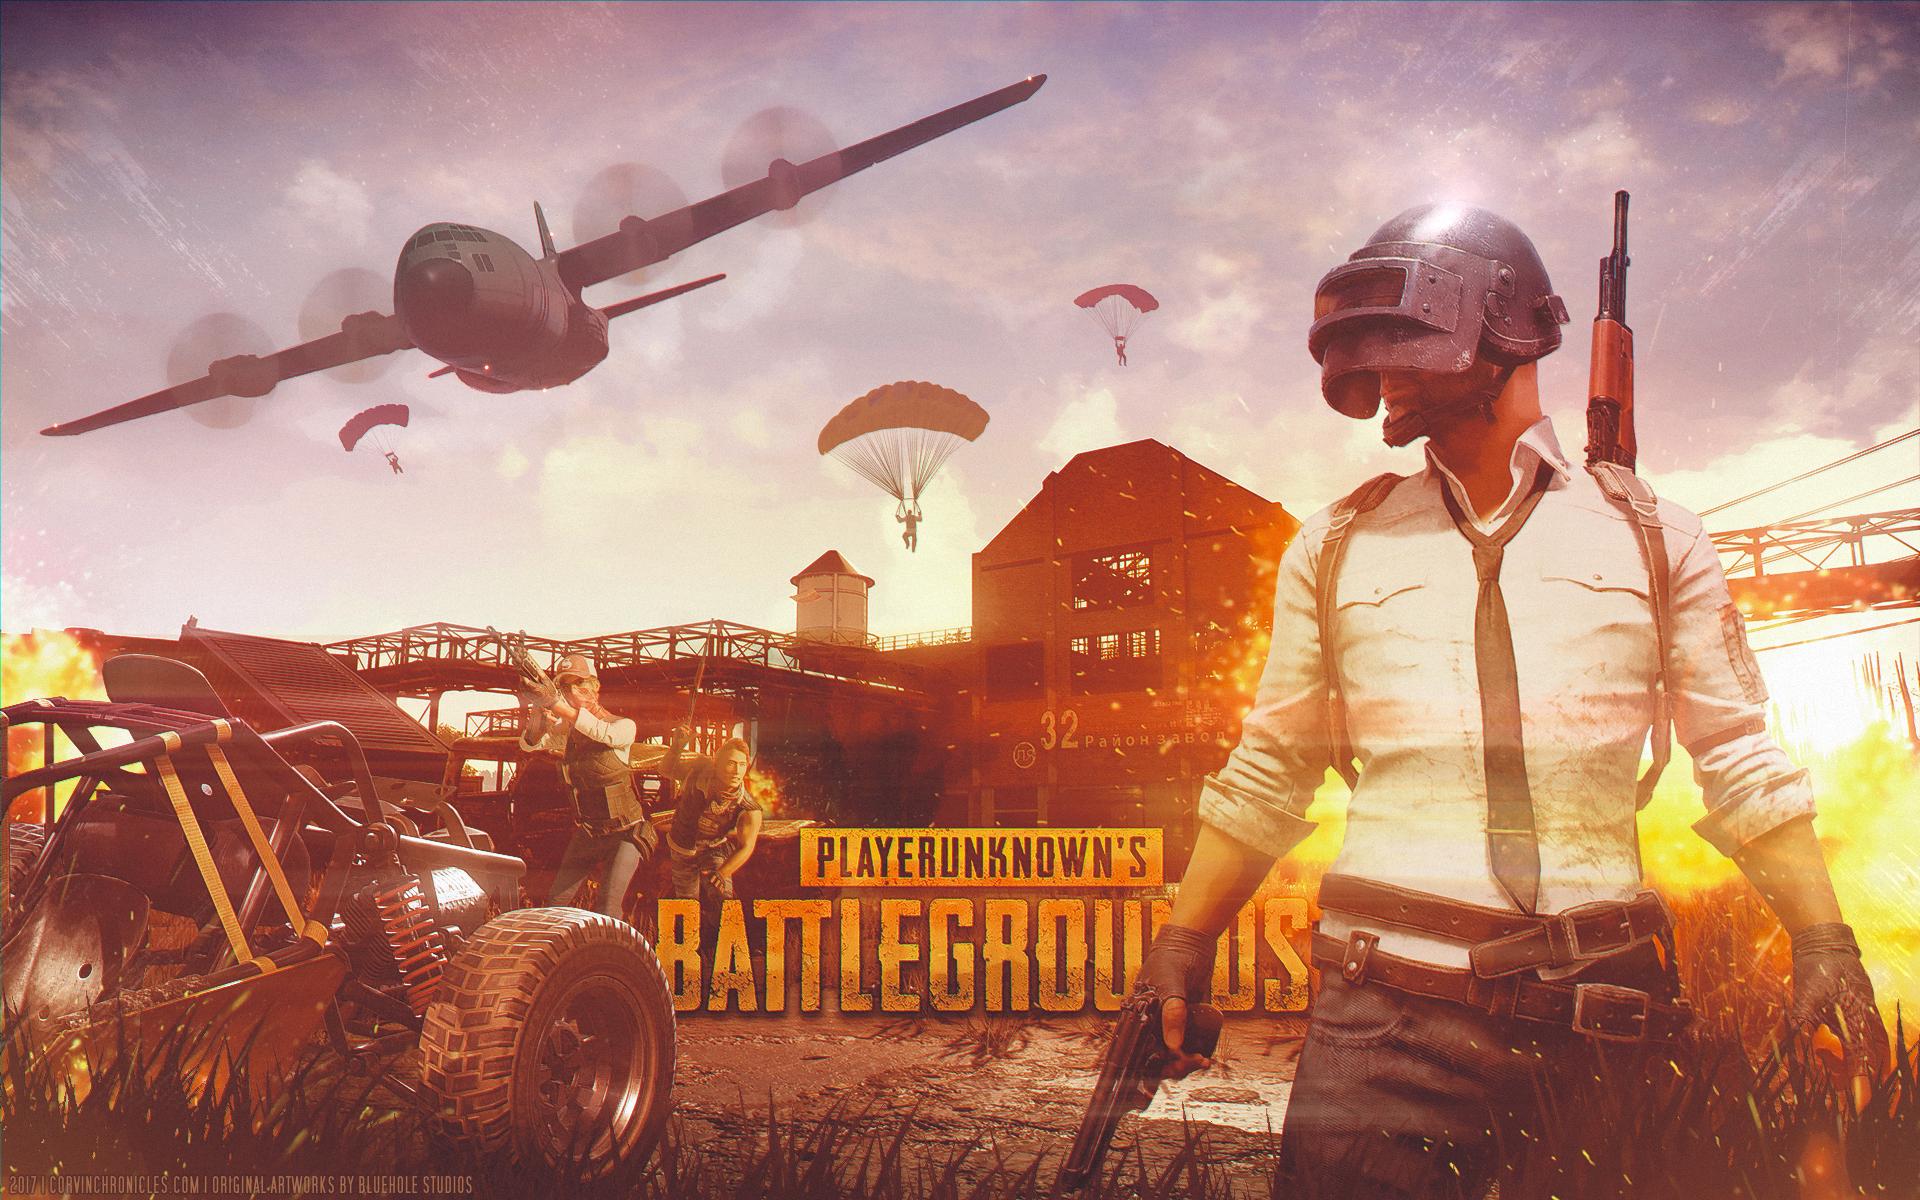 1680x1050 Playerunknowns Battlegrounds Artwork 1680x1050: PlayerUnknown's Battlegrounds